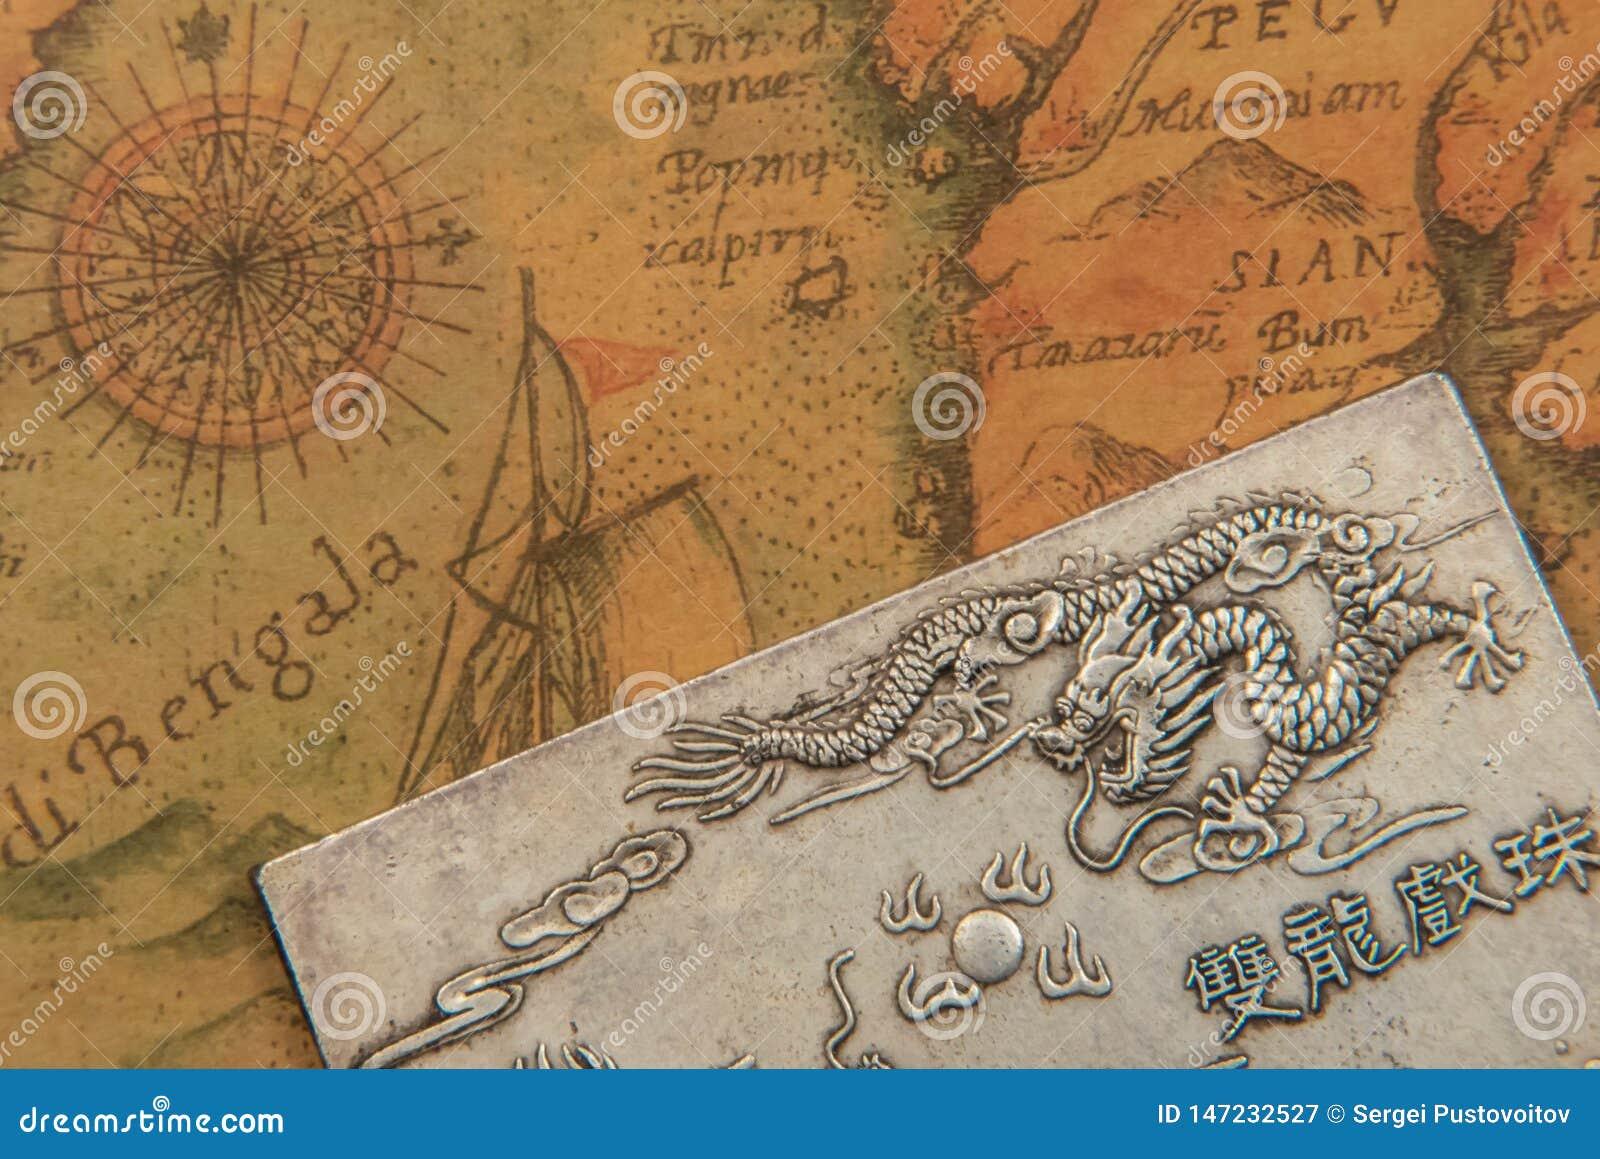 Piatto d argento antico con i draghi combattenti sulla mappa di mondo stile orientale antica